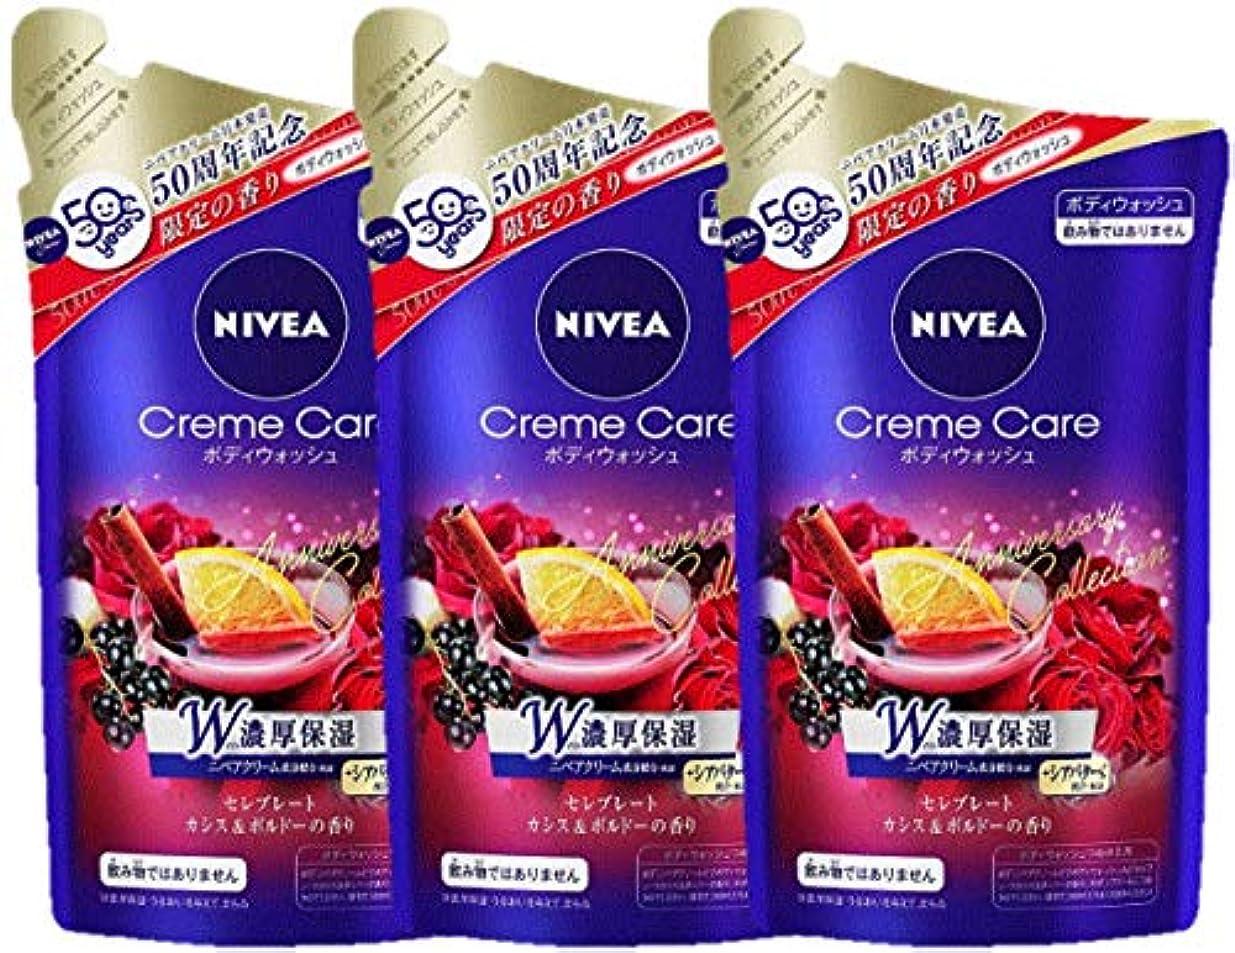 素晴らしいです遺棄された屈辱する【まとめ買い】日本発売50周年記念 限定の香り ニベア クリームケア ボディウォッシュ セレブレート カシス&ボルドーの香り つめかえ用360ml×3個